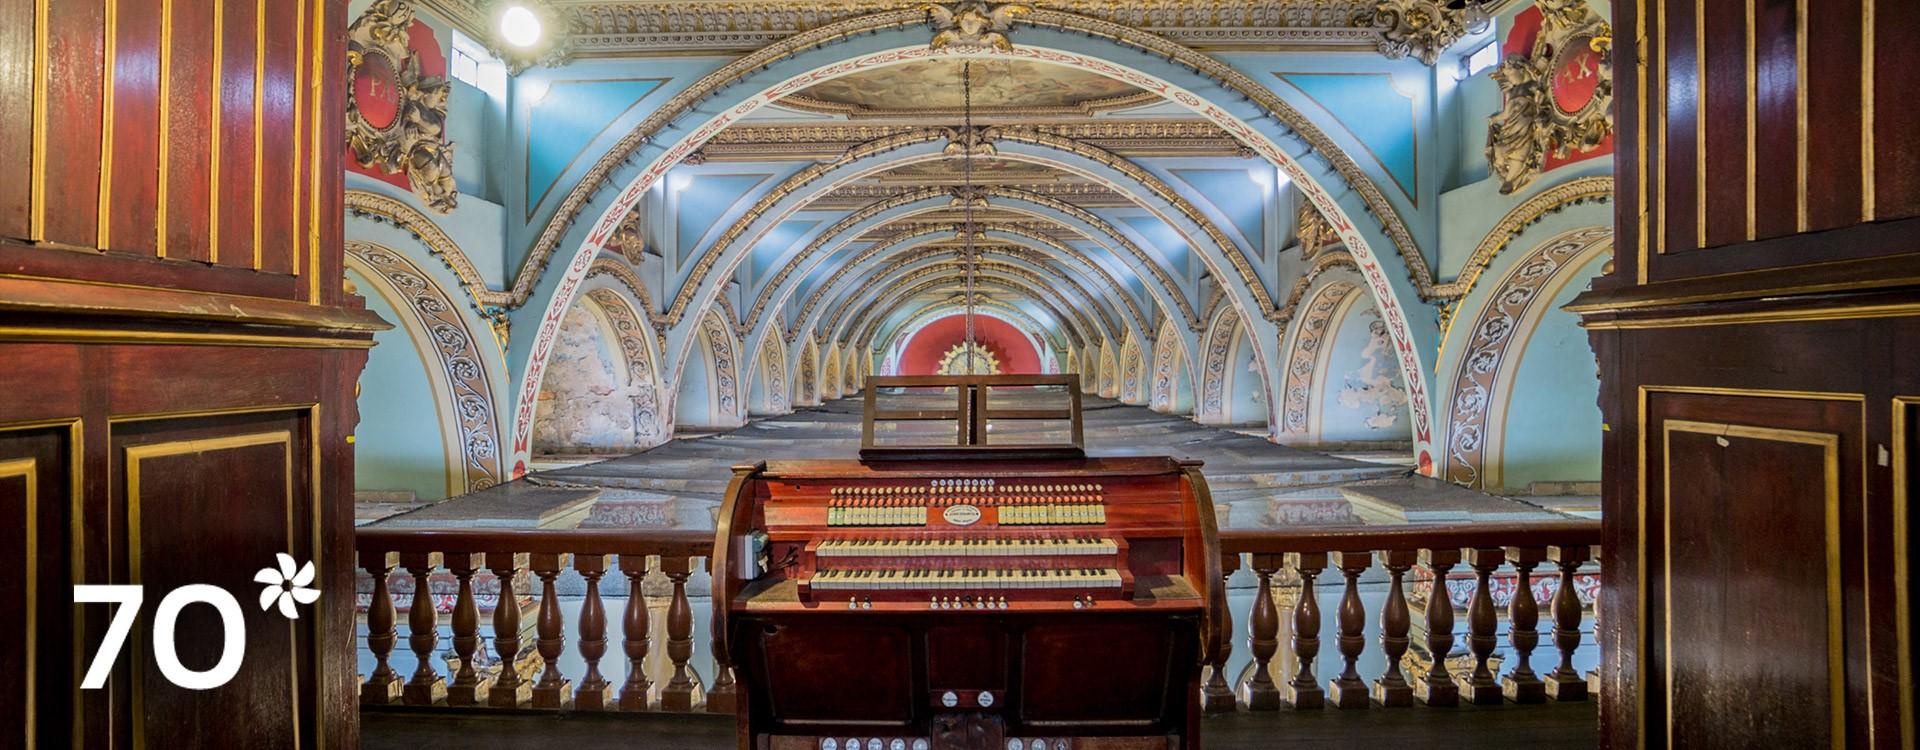 Imagen de uno de los elementos de Patrimonio Cultural colombiano.